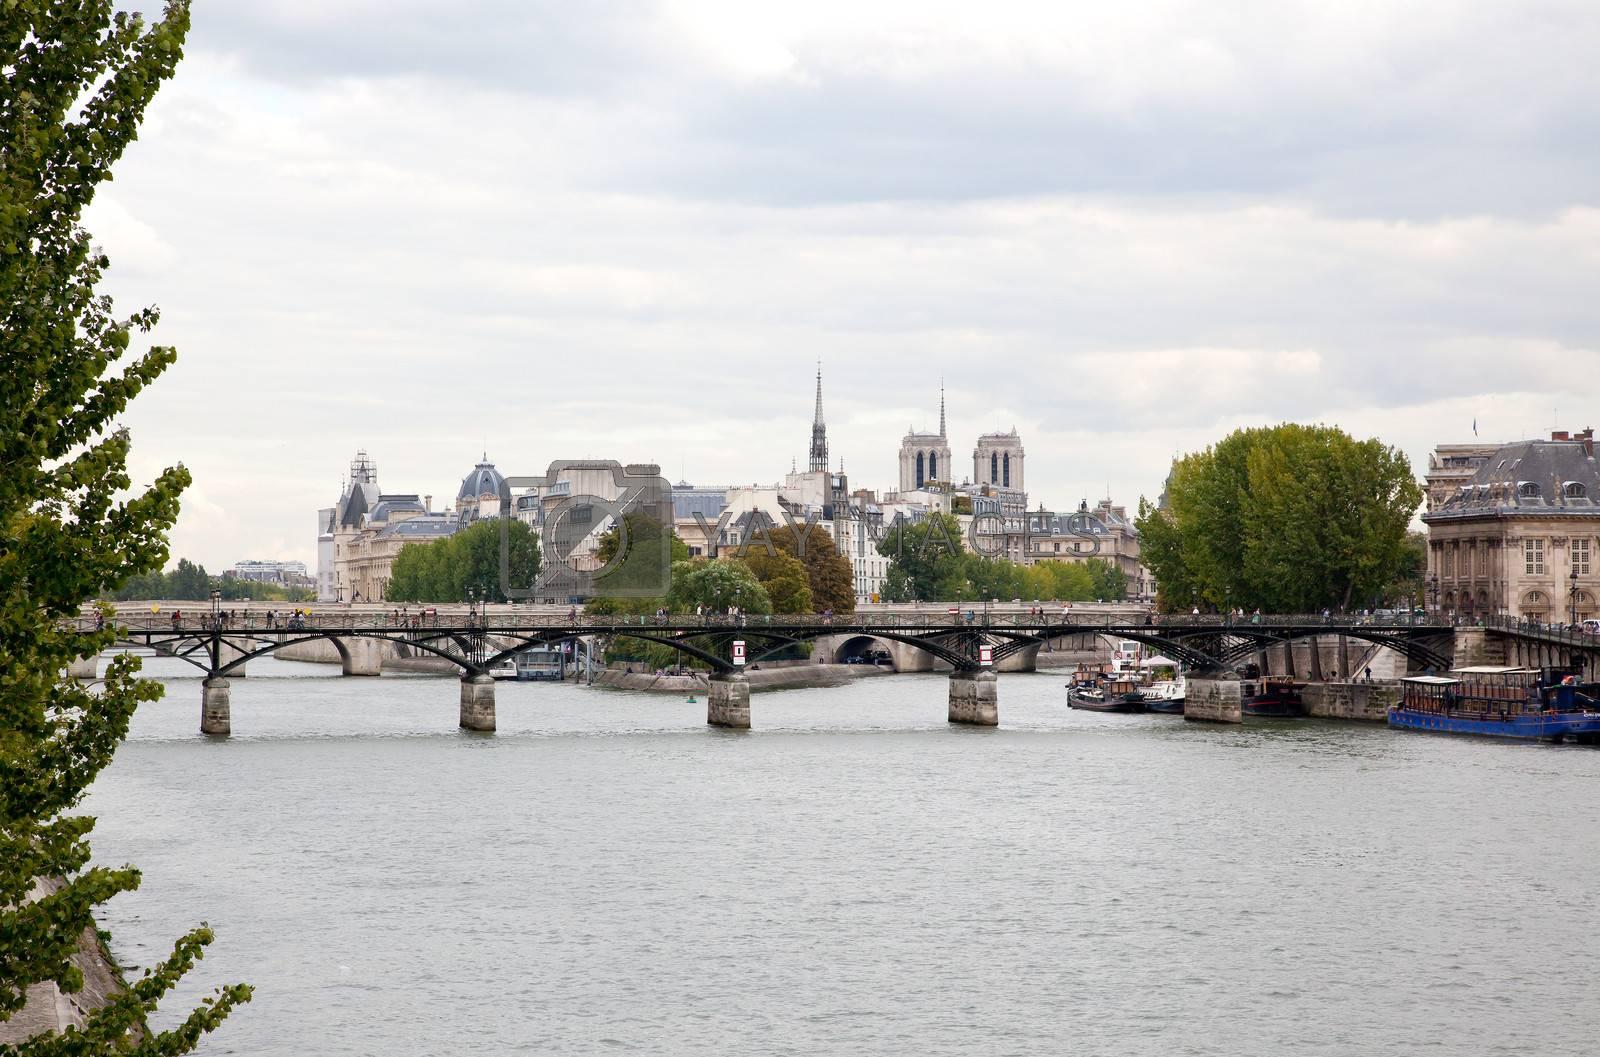 The city view and Notre Dame de Paris, France